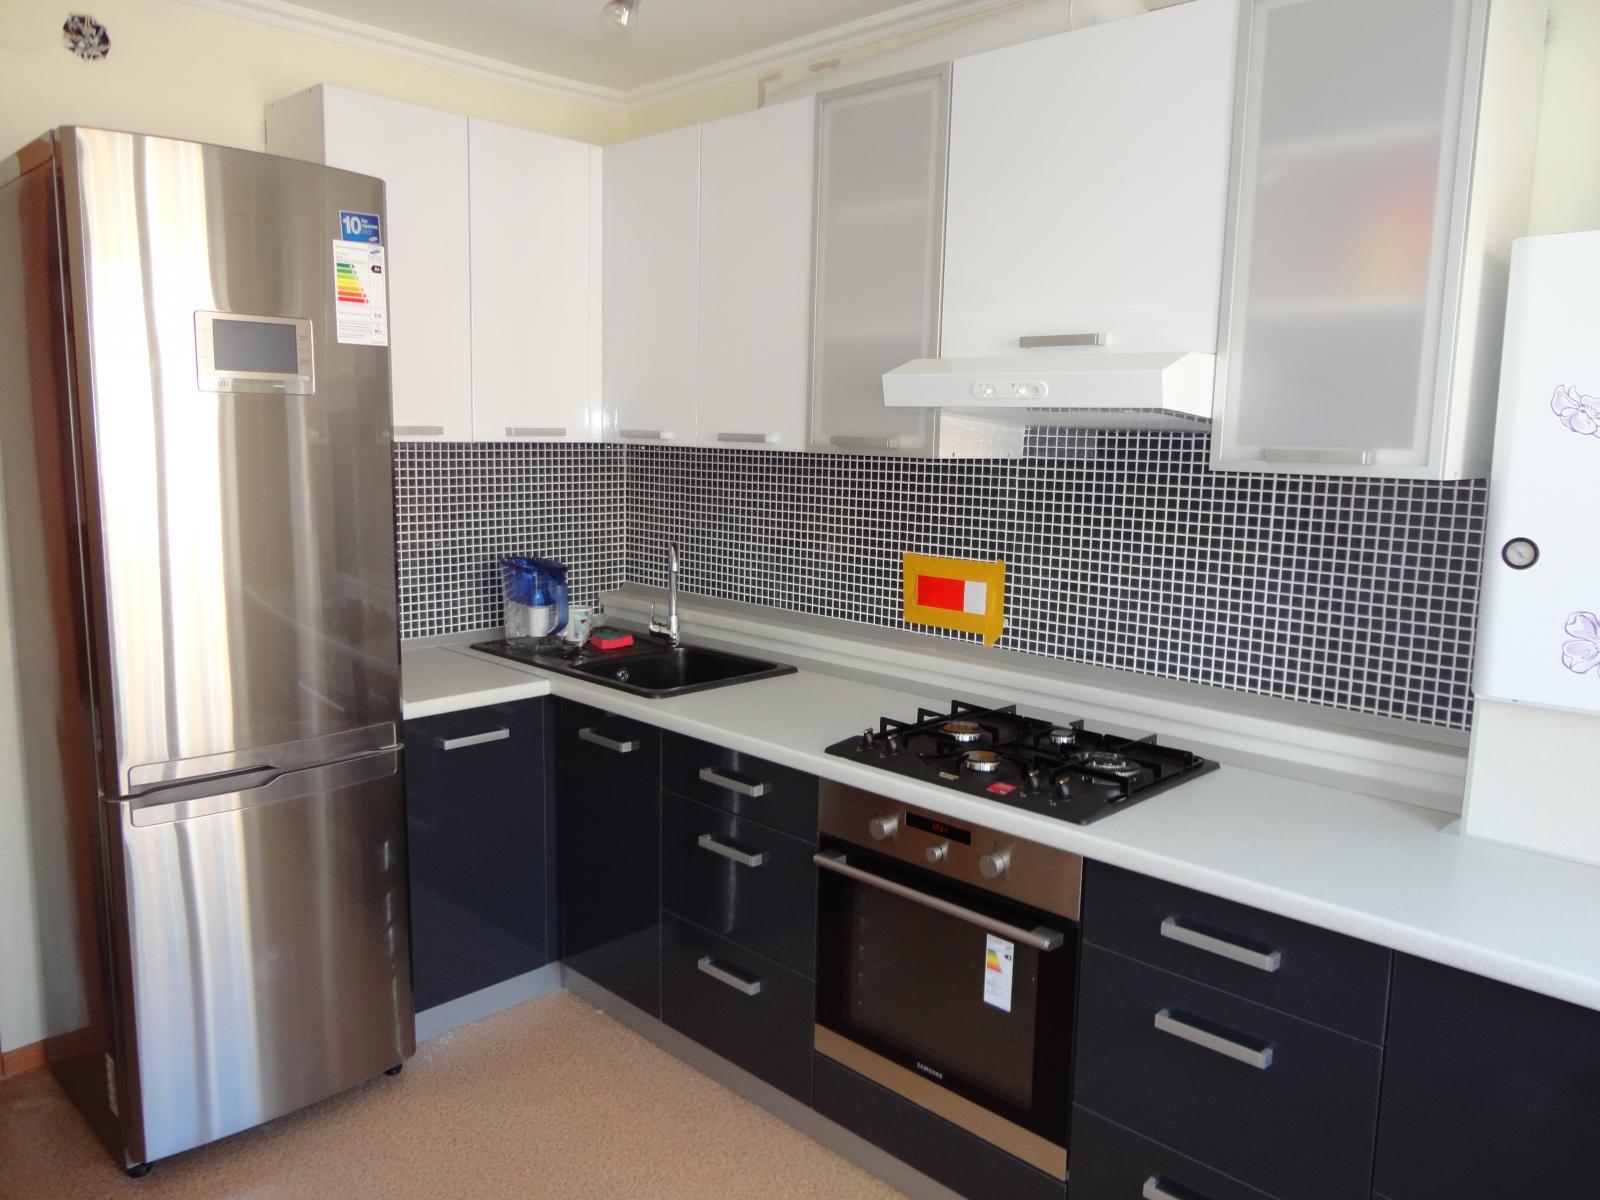 Дизайн кухни с газовым котлом 8 квм